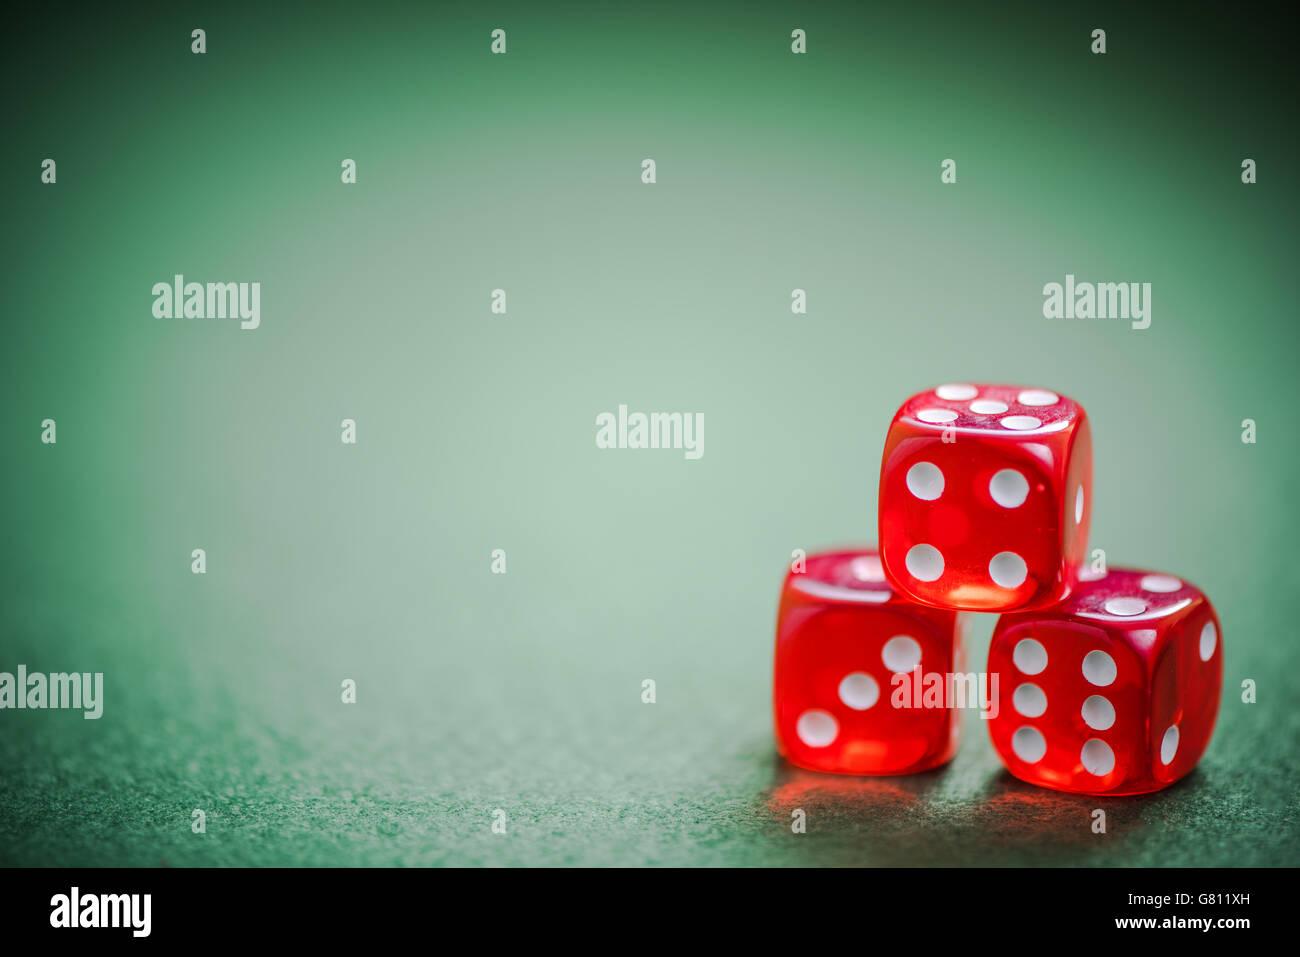 Bonos casinos linea